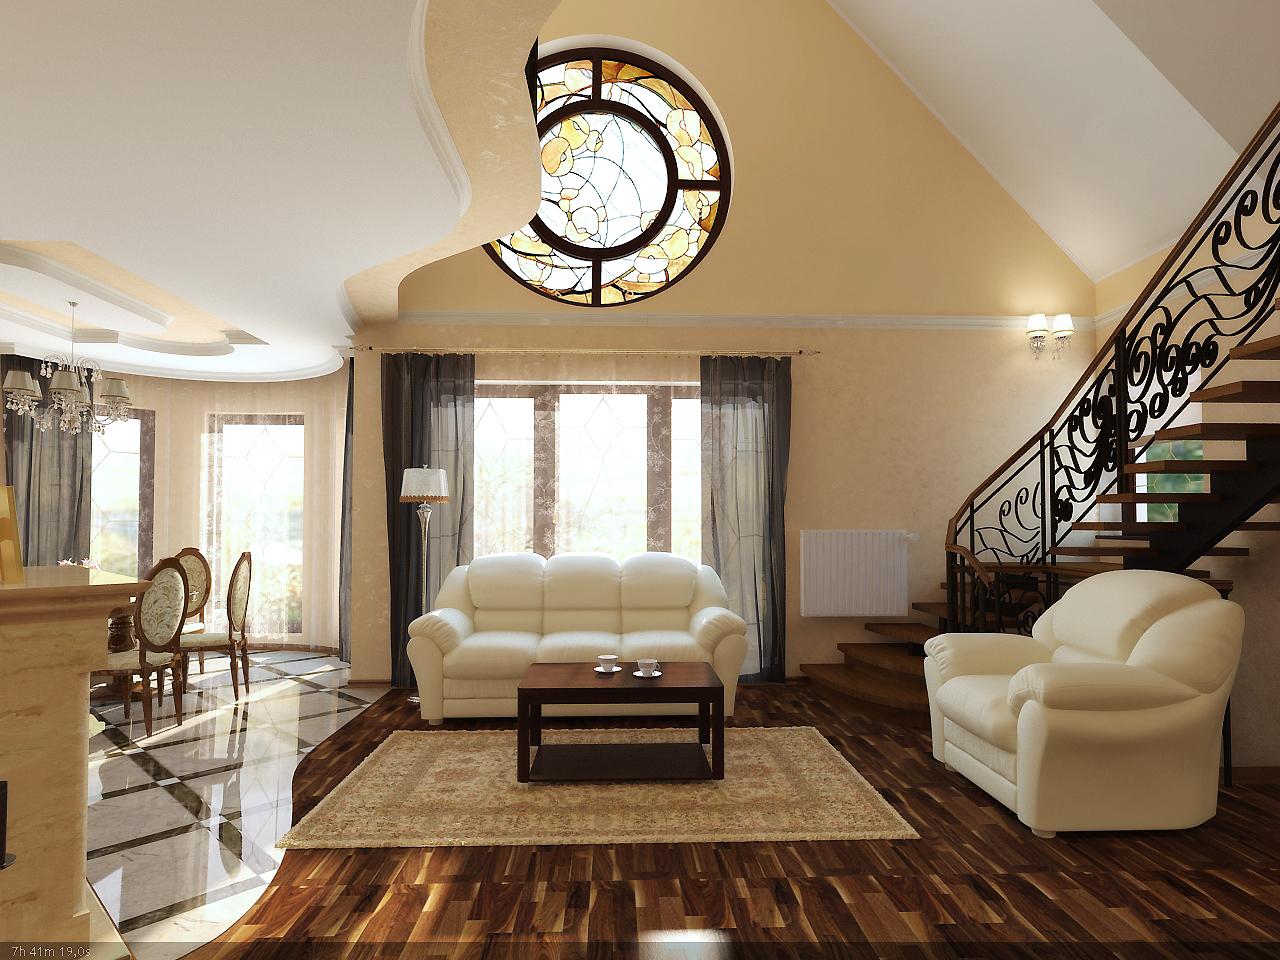 1280x960px 5 Unique Elegant Interior Design Ideas Picture in Interior Design